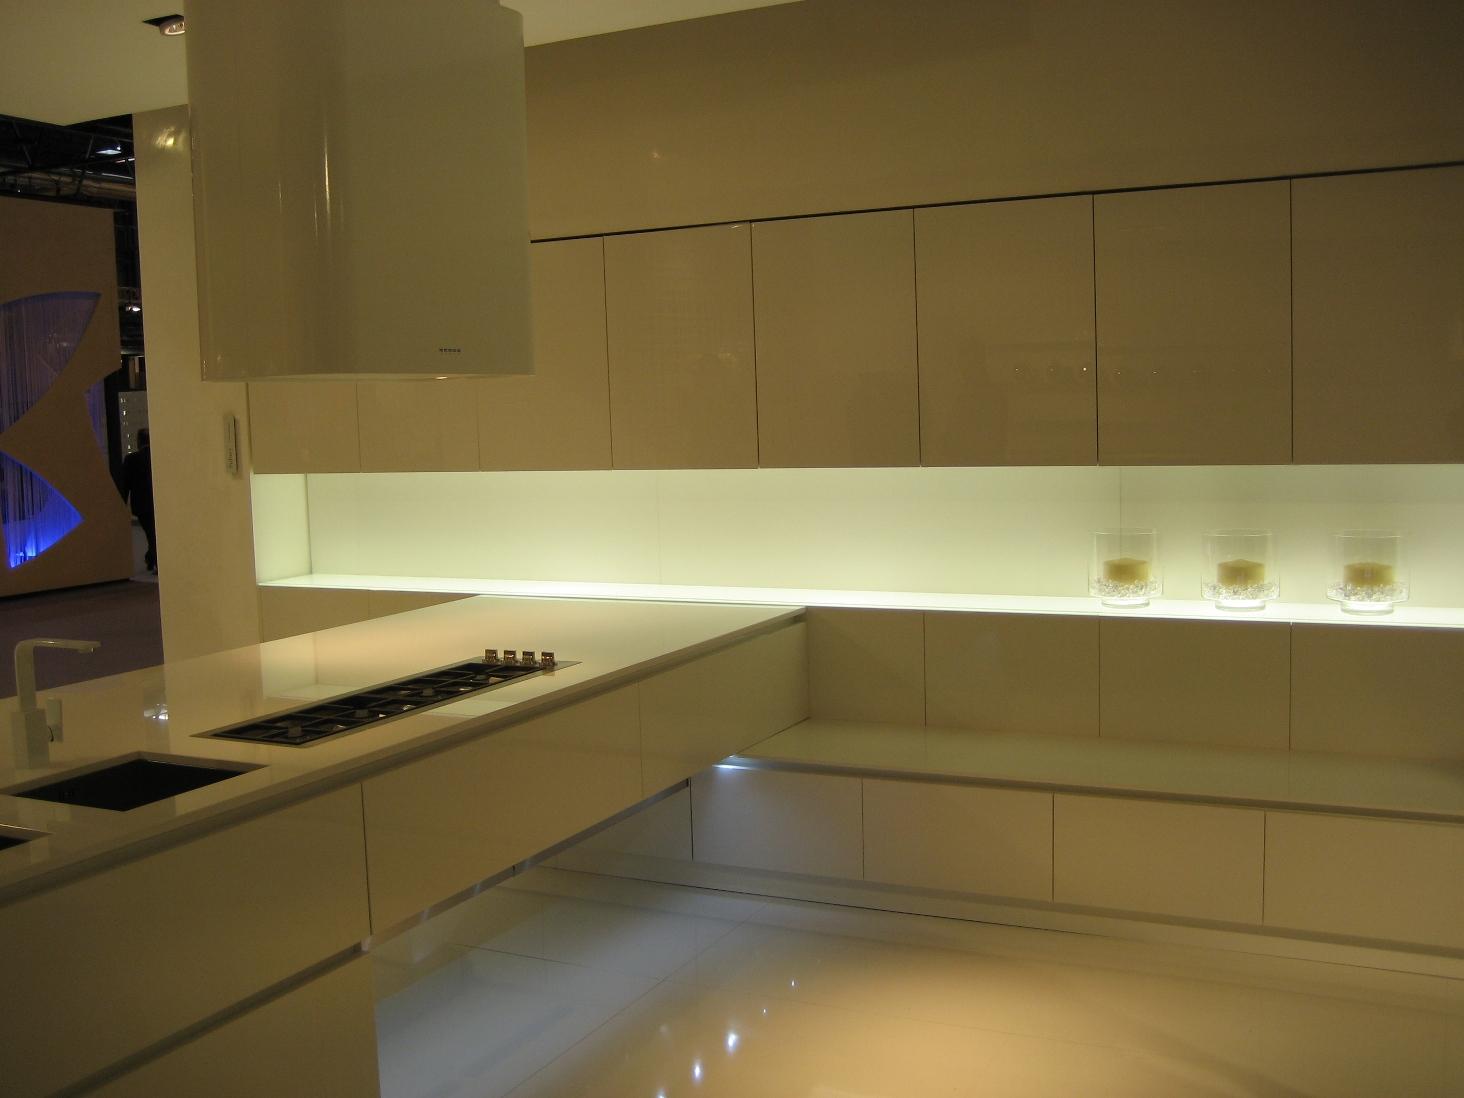 Iluminaci n integrada en la cocina cocinas con estilo - Iluminacion en la cocina ...